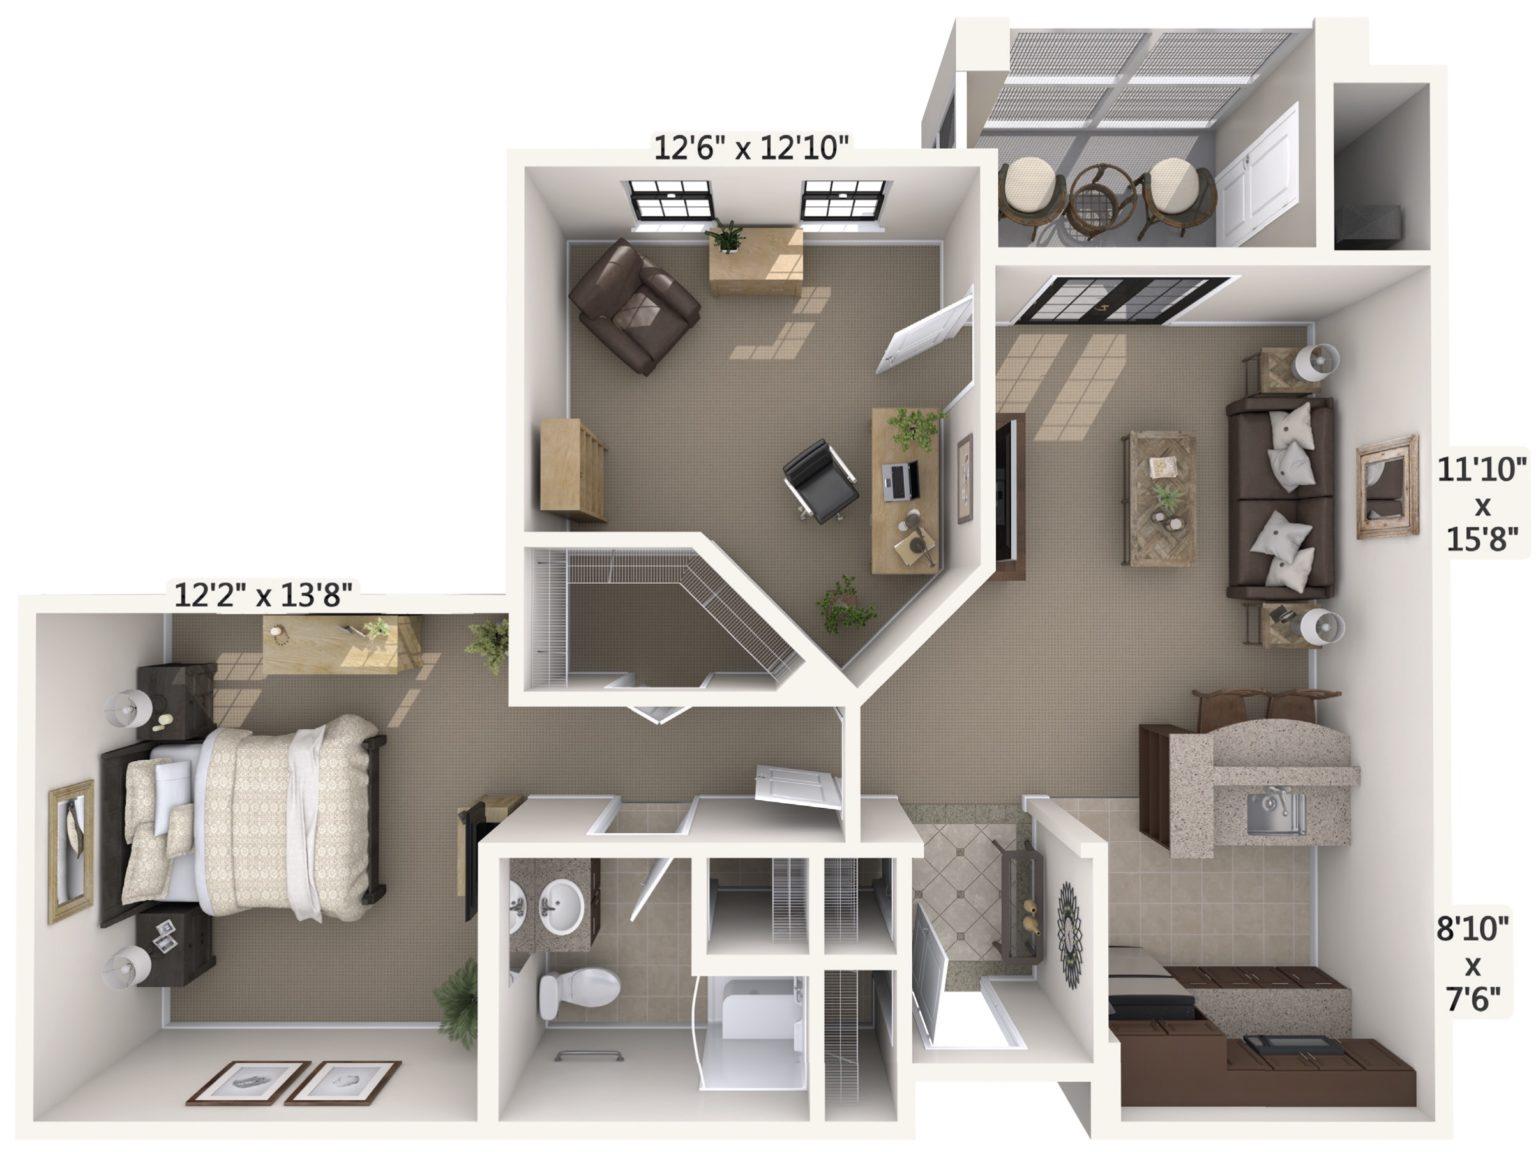 AddingtonPlace_One-Bedroom-with-Den-Interlude_814-sq.-ft._AL_Jupiter-1536x1152